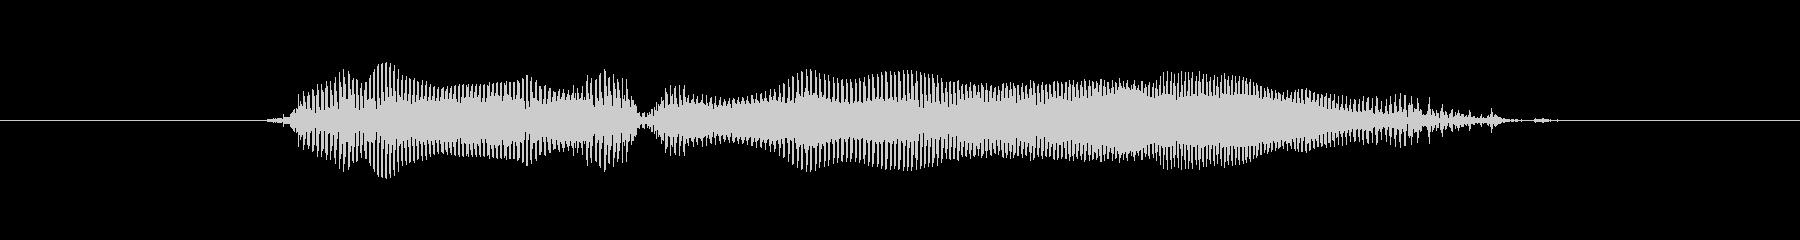 ドローの未再生の波形